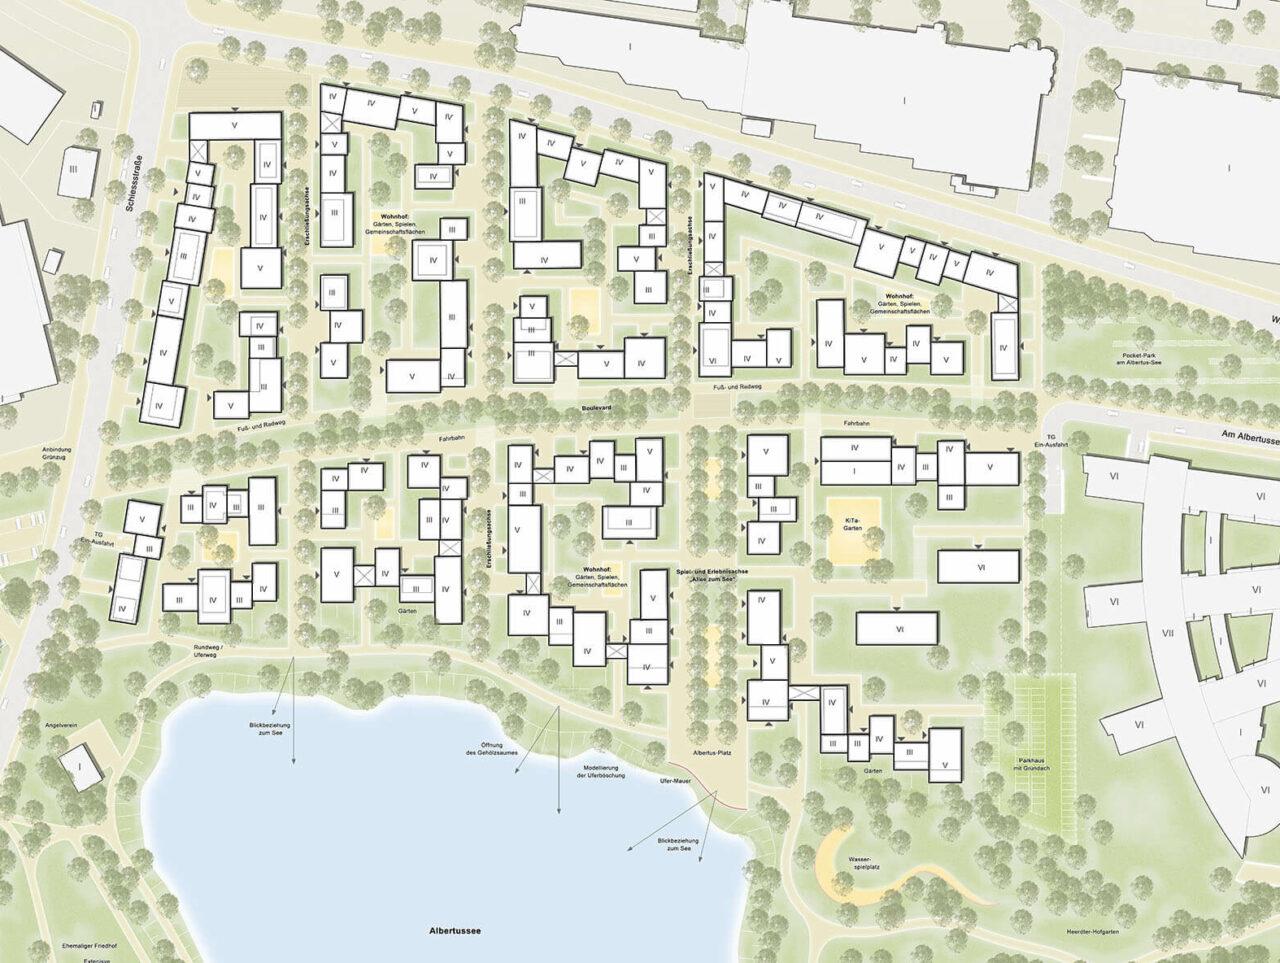 Albertussee Duesseldorf Wohnviertel Lageplan